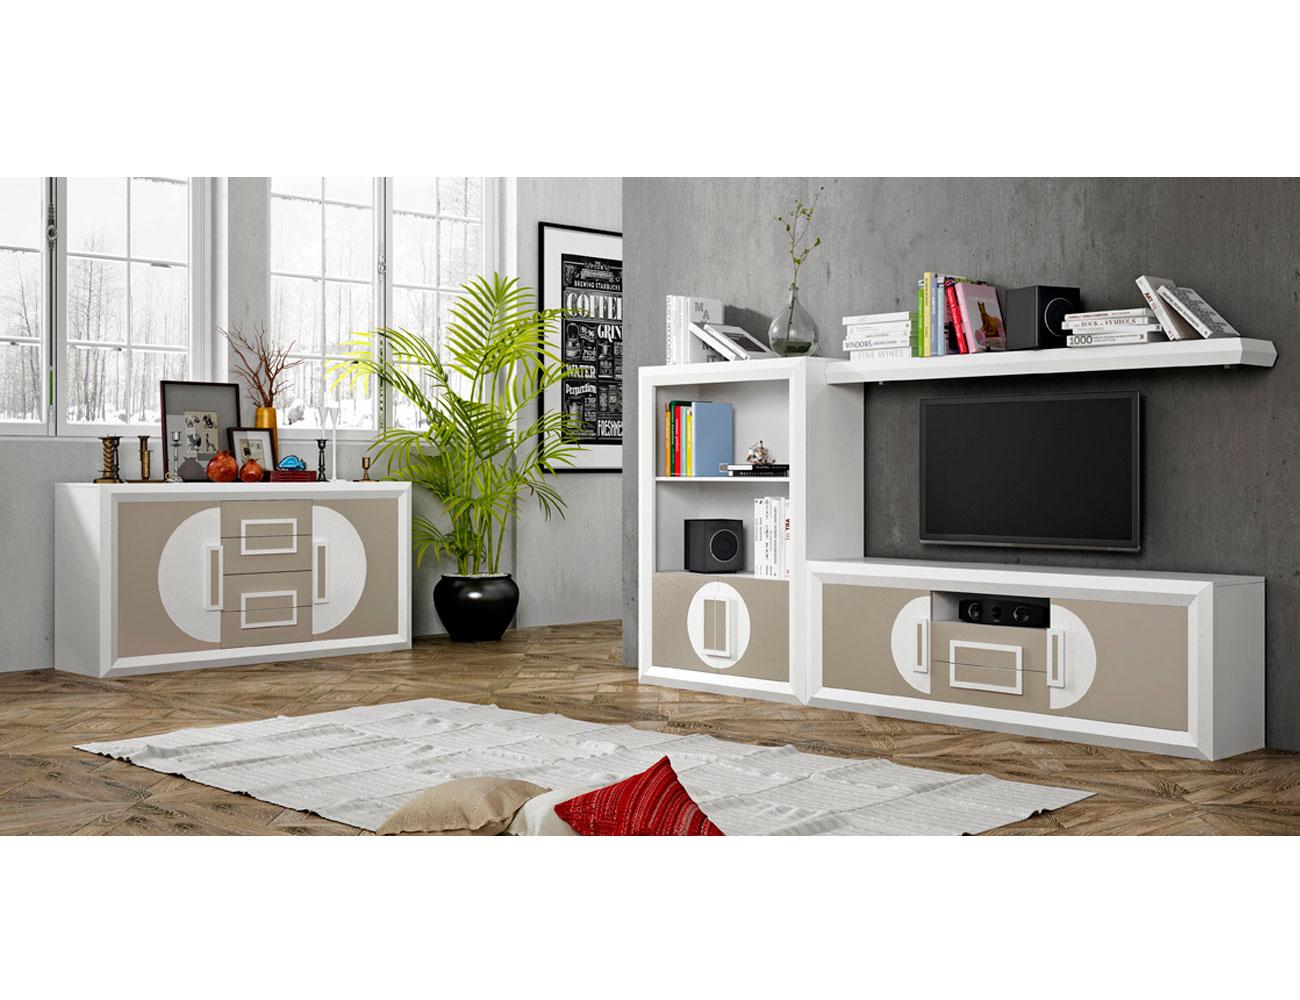 Ambiente02 mueble salon comedor aparador1